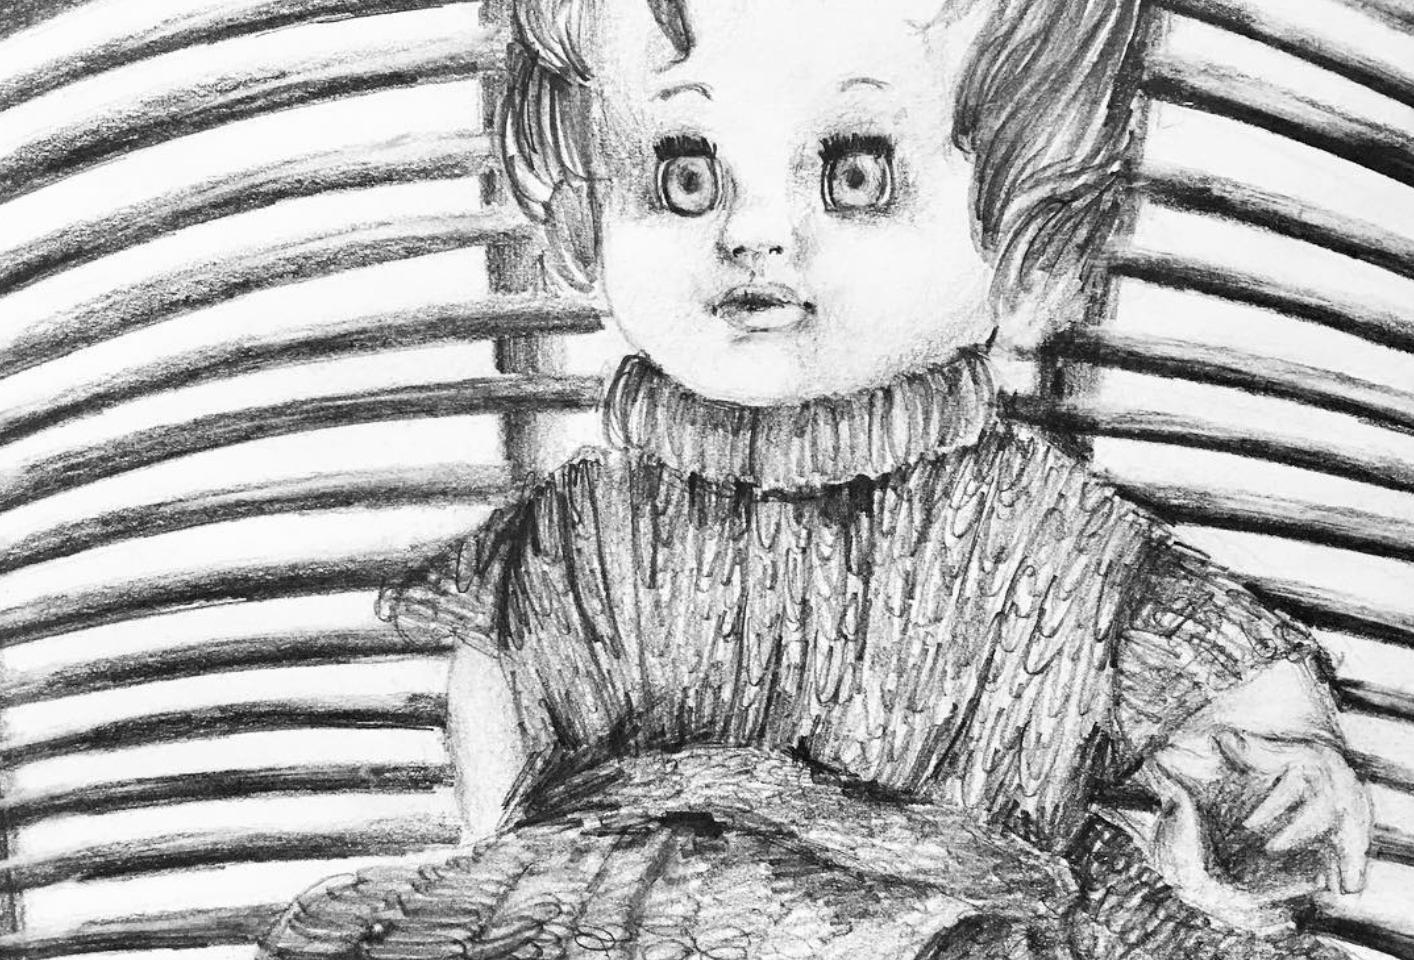 Still Life of Doll (2012)